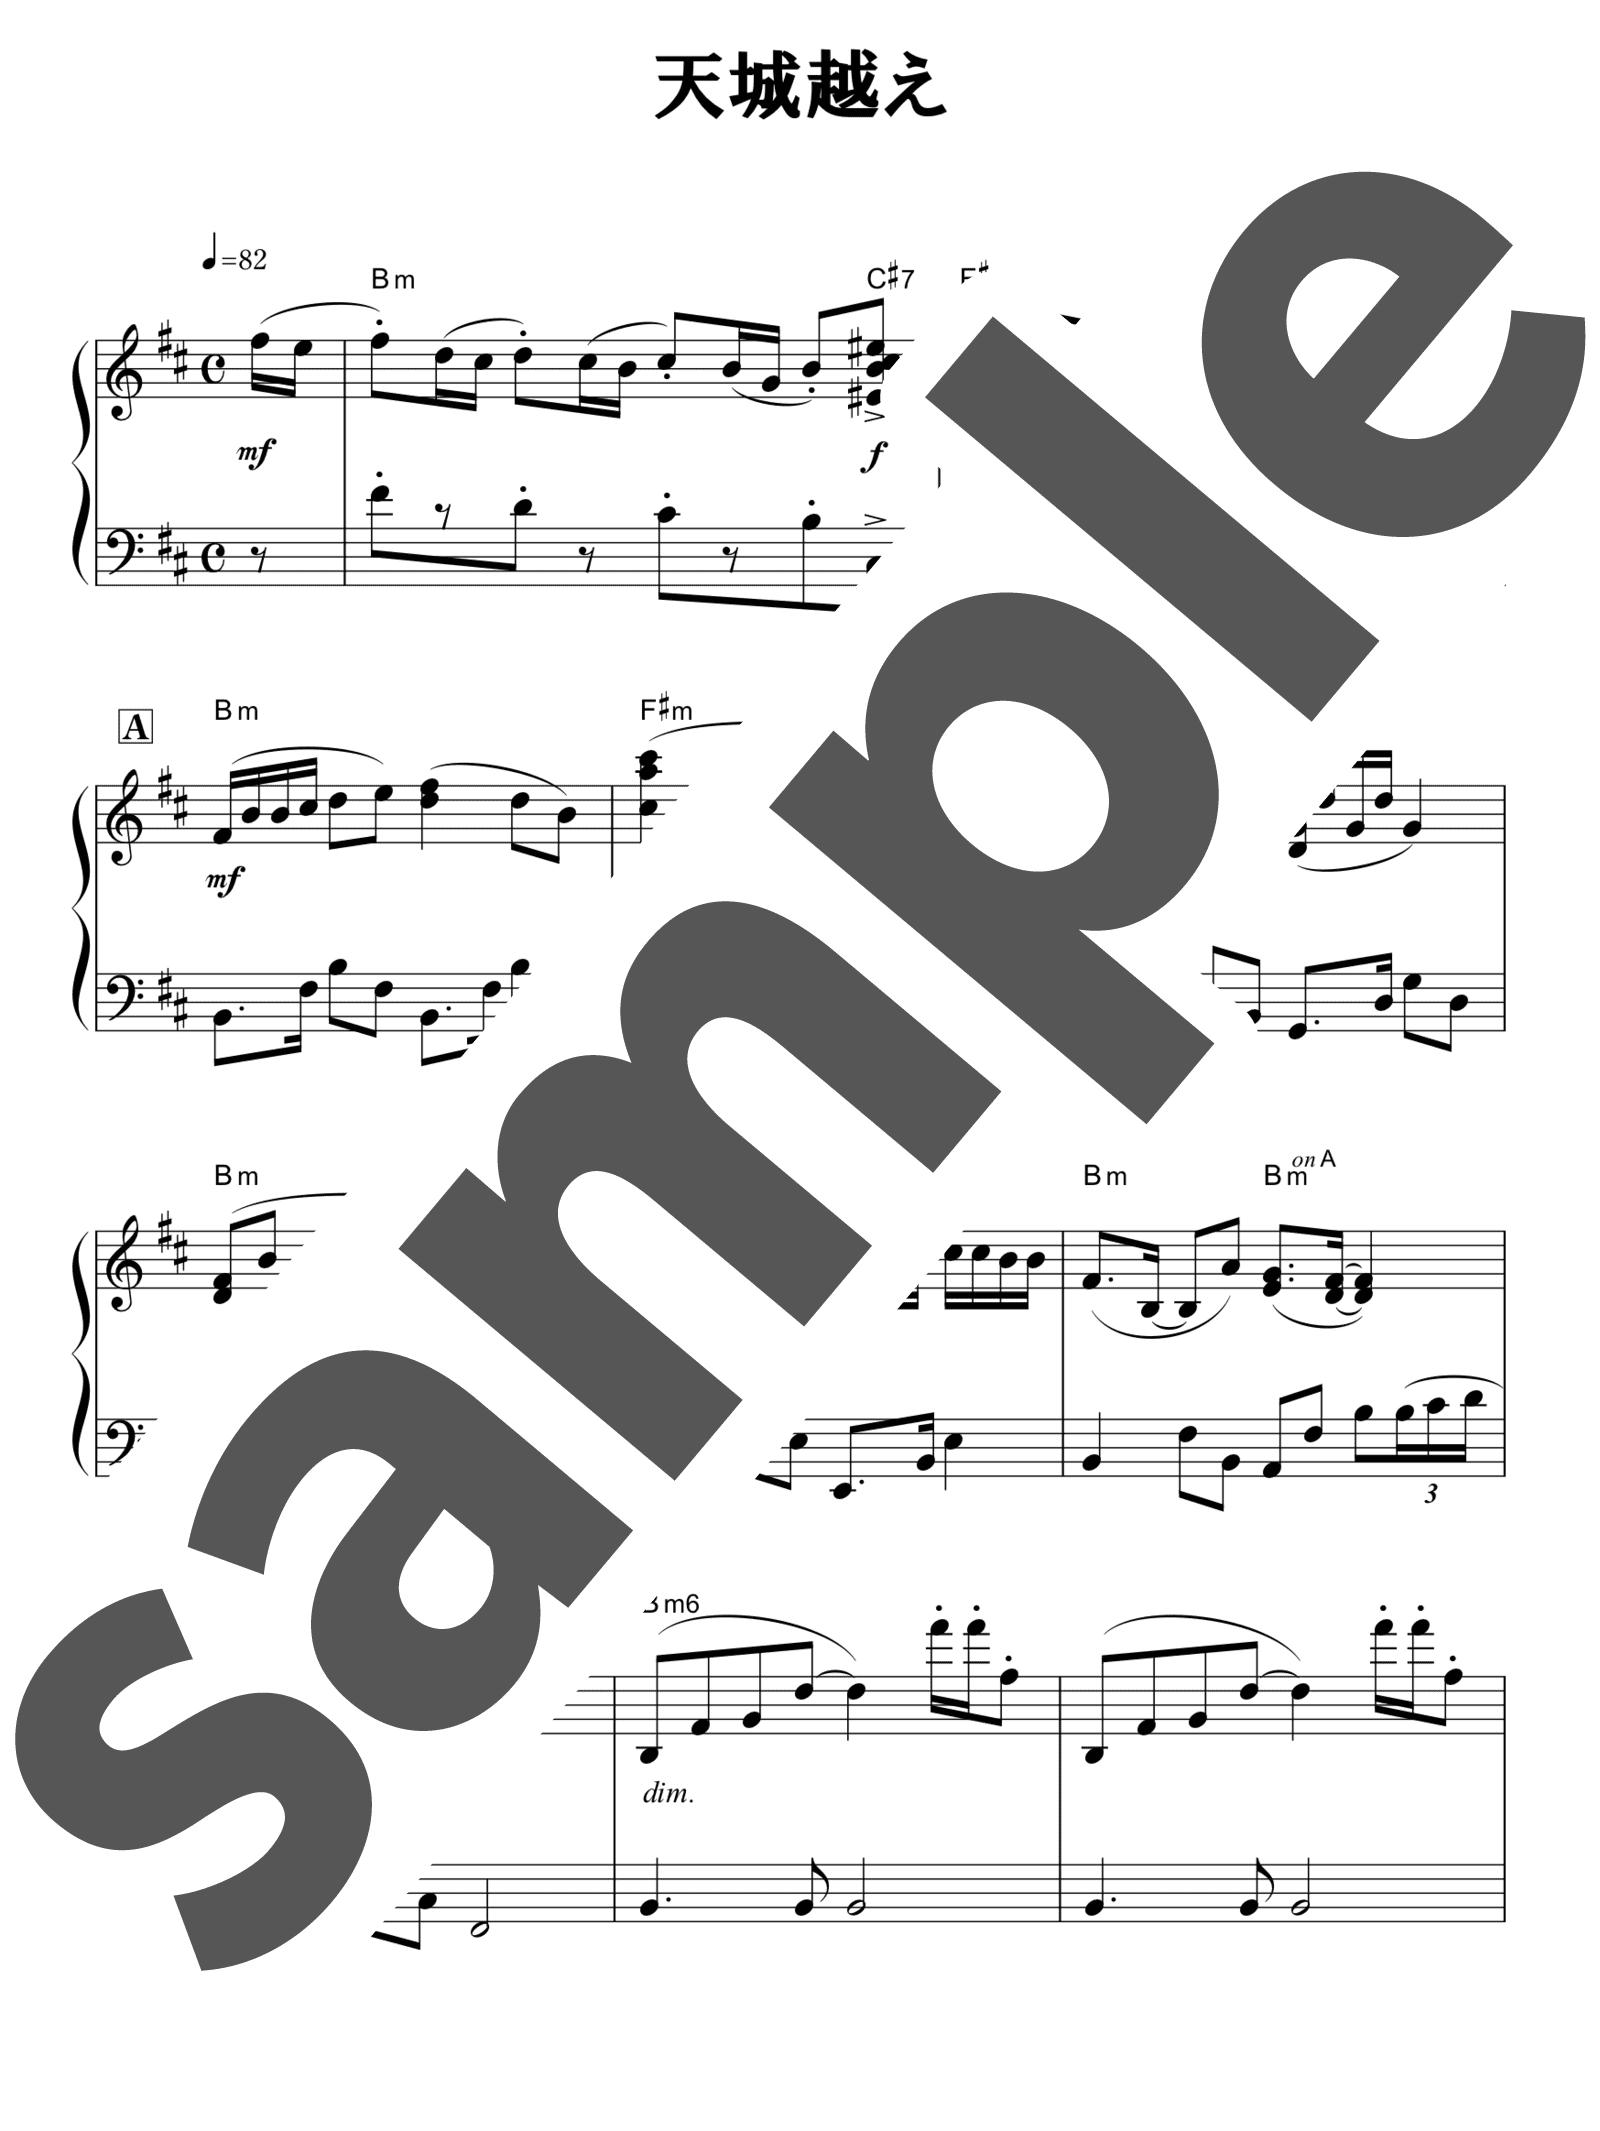 「天城越え」のサンプル楽譜